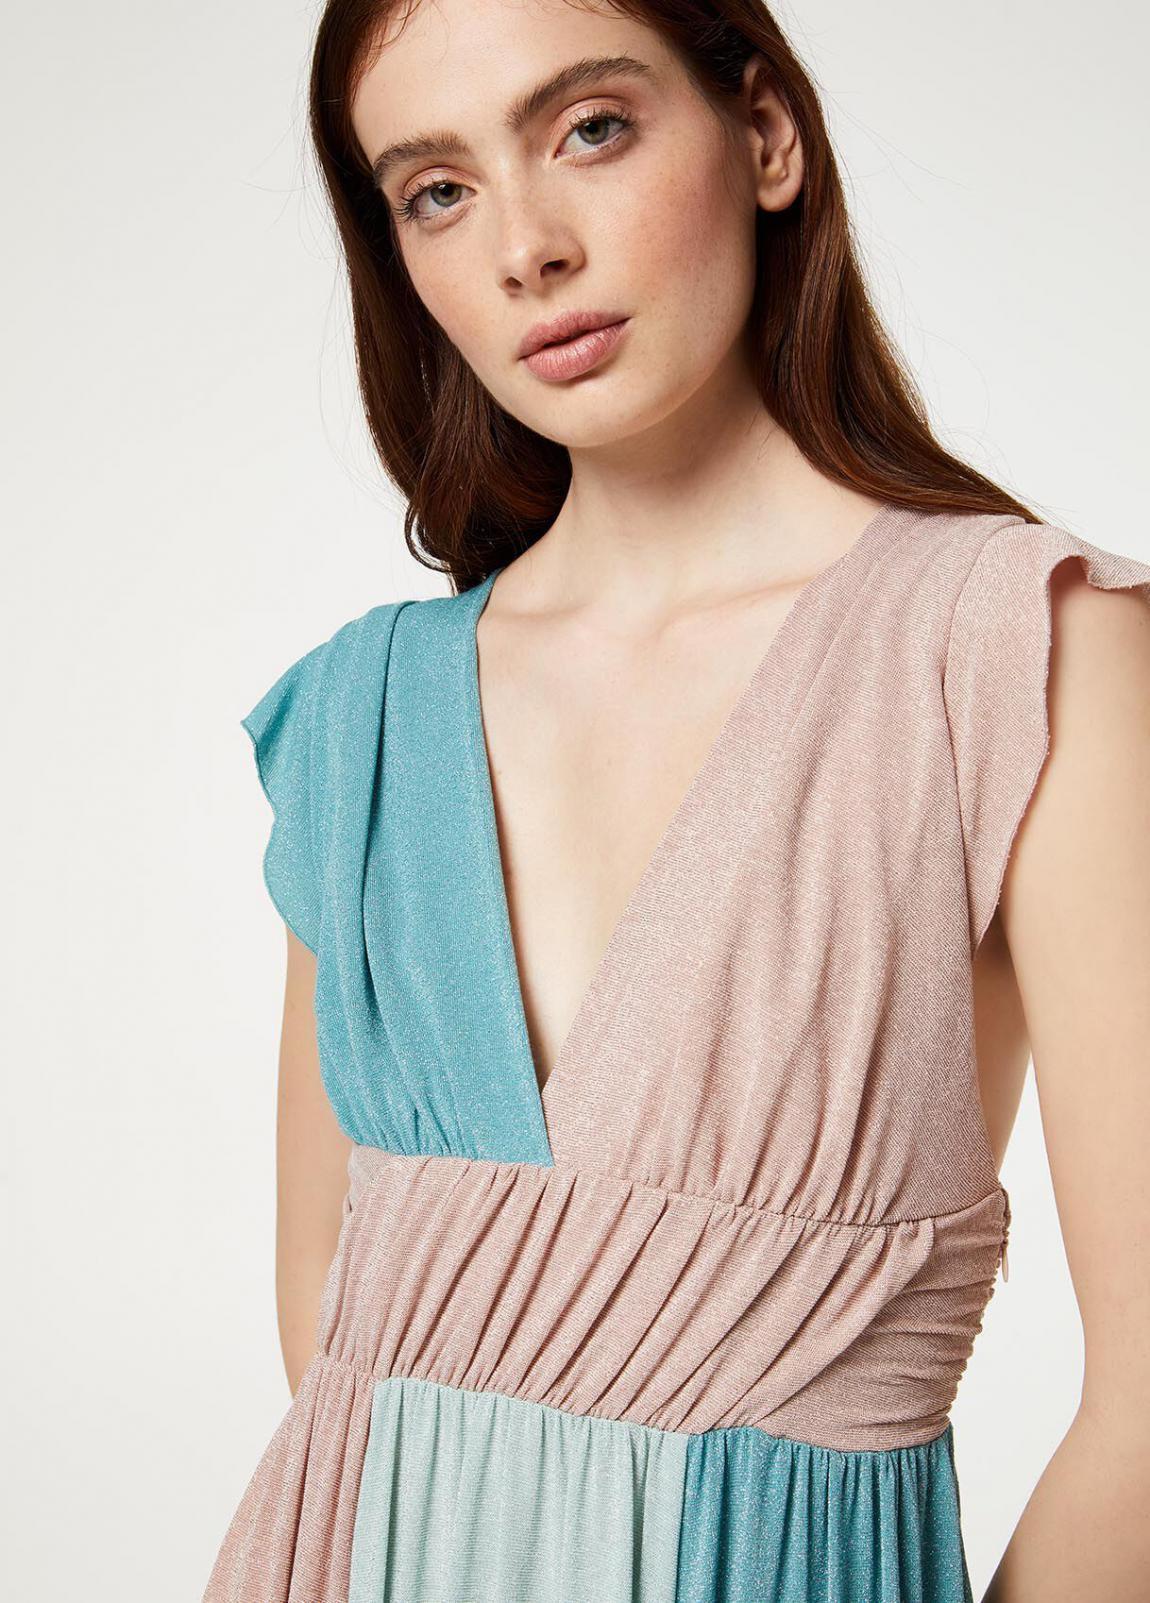 Damen Langes Kleid Aus Lurex®  Liu Jo Kleider — Pax Domini